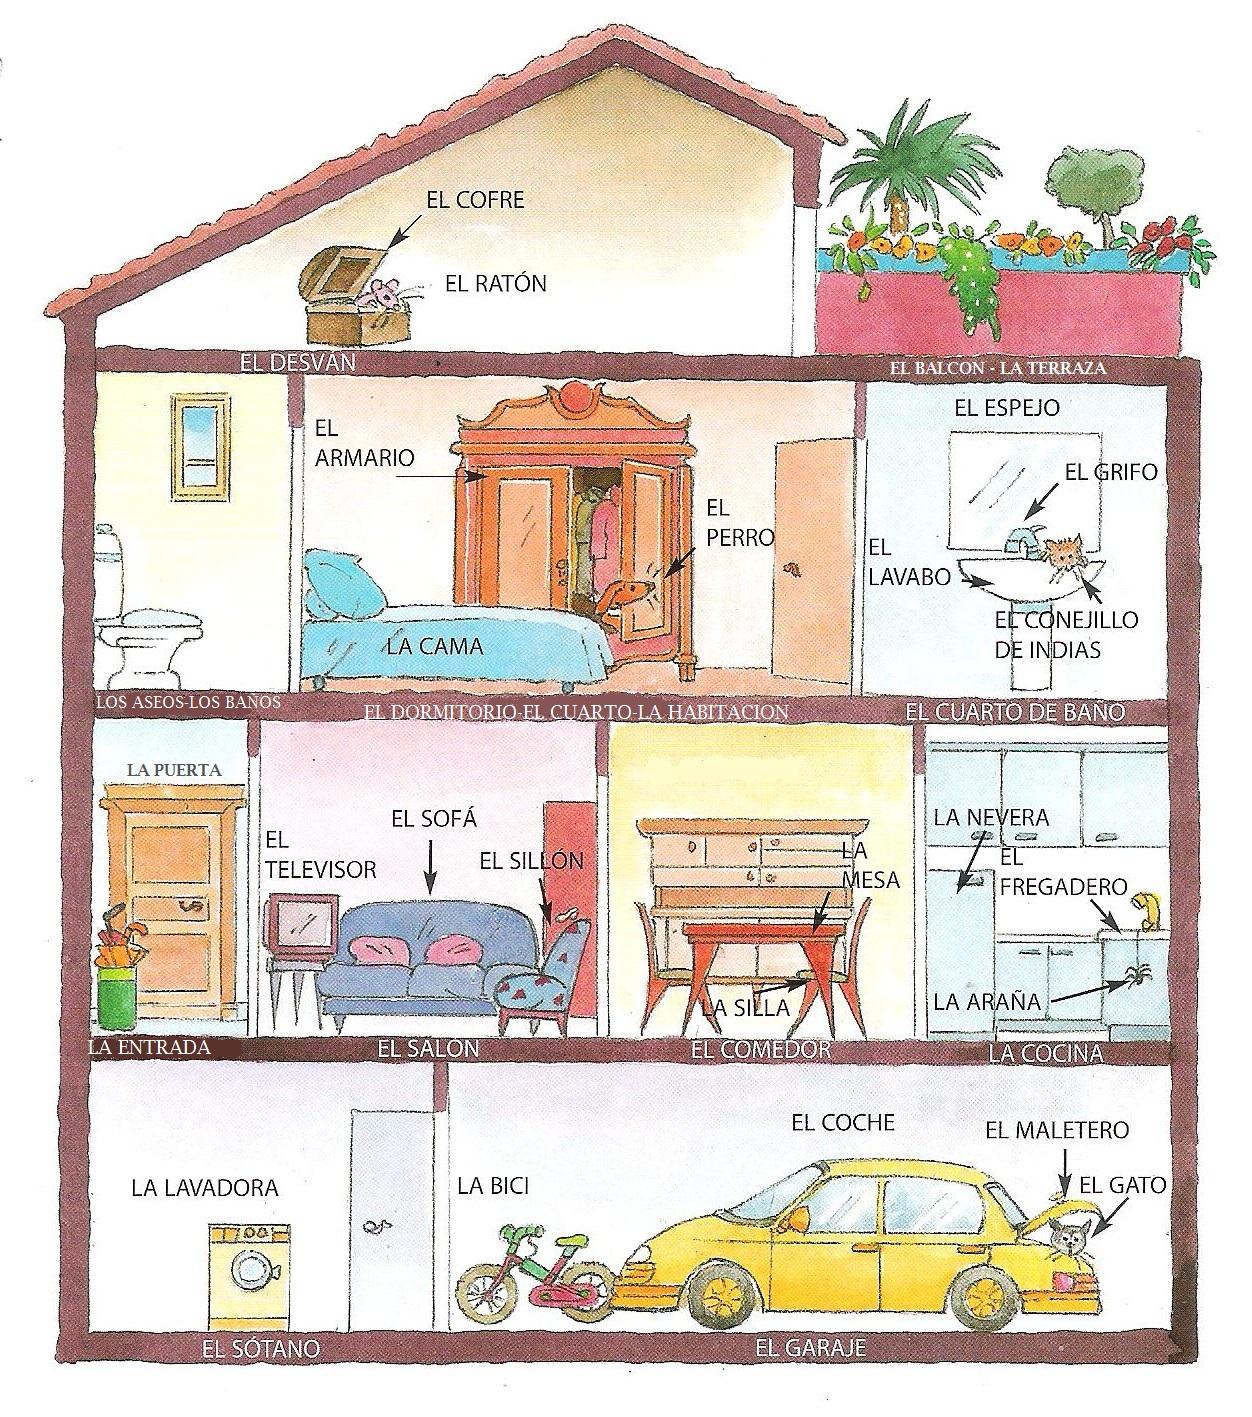 301 moved permanently - Mapa de la casa de campo ...